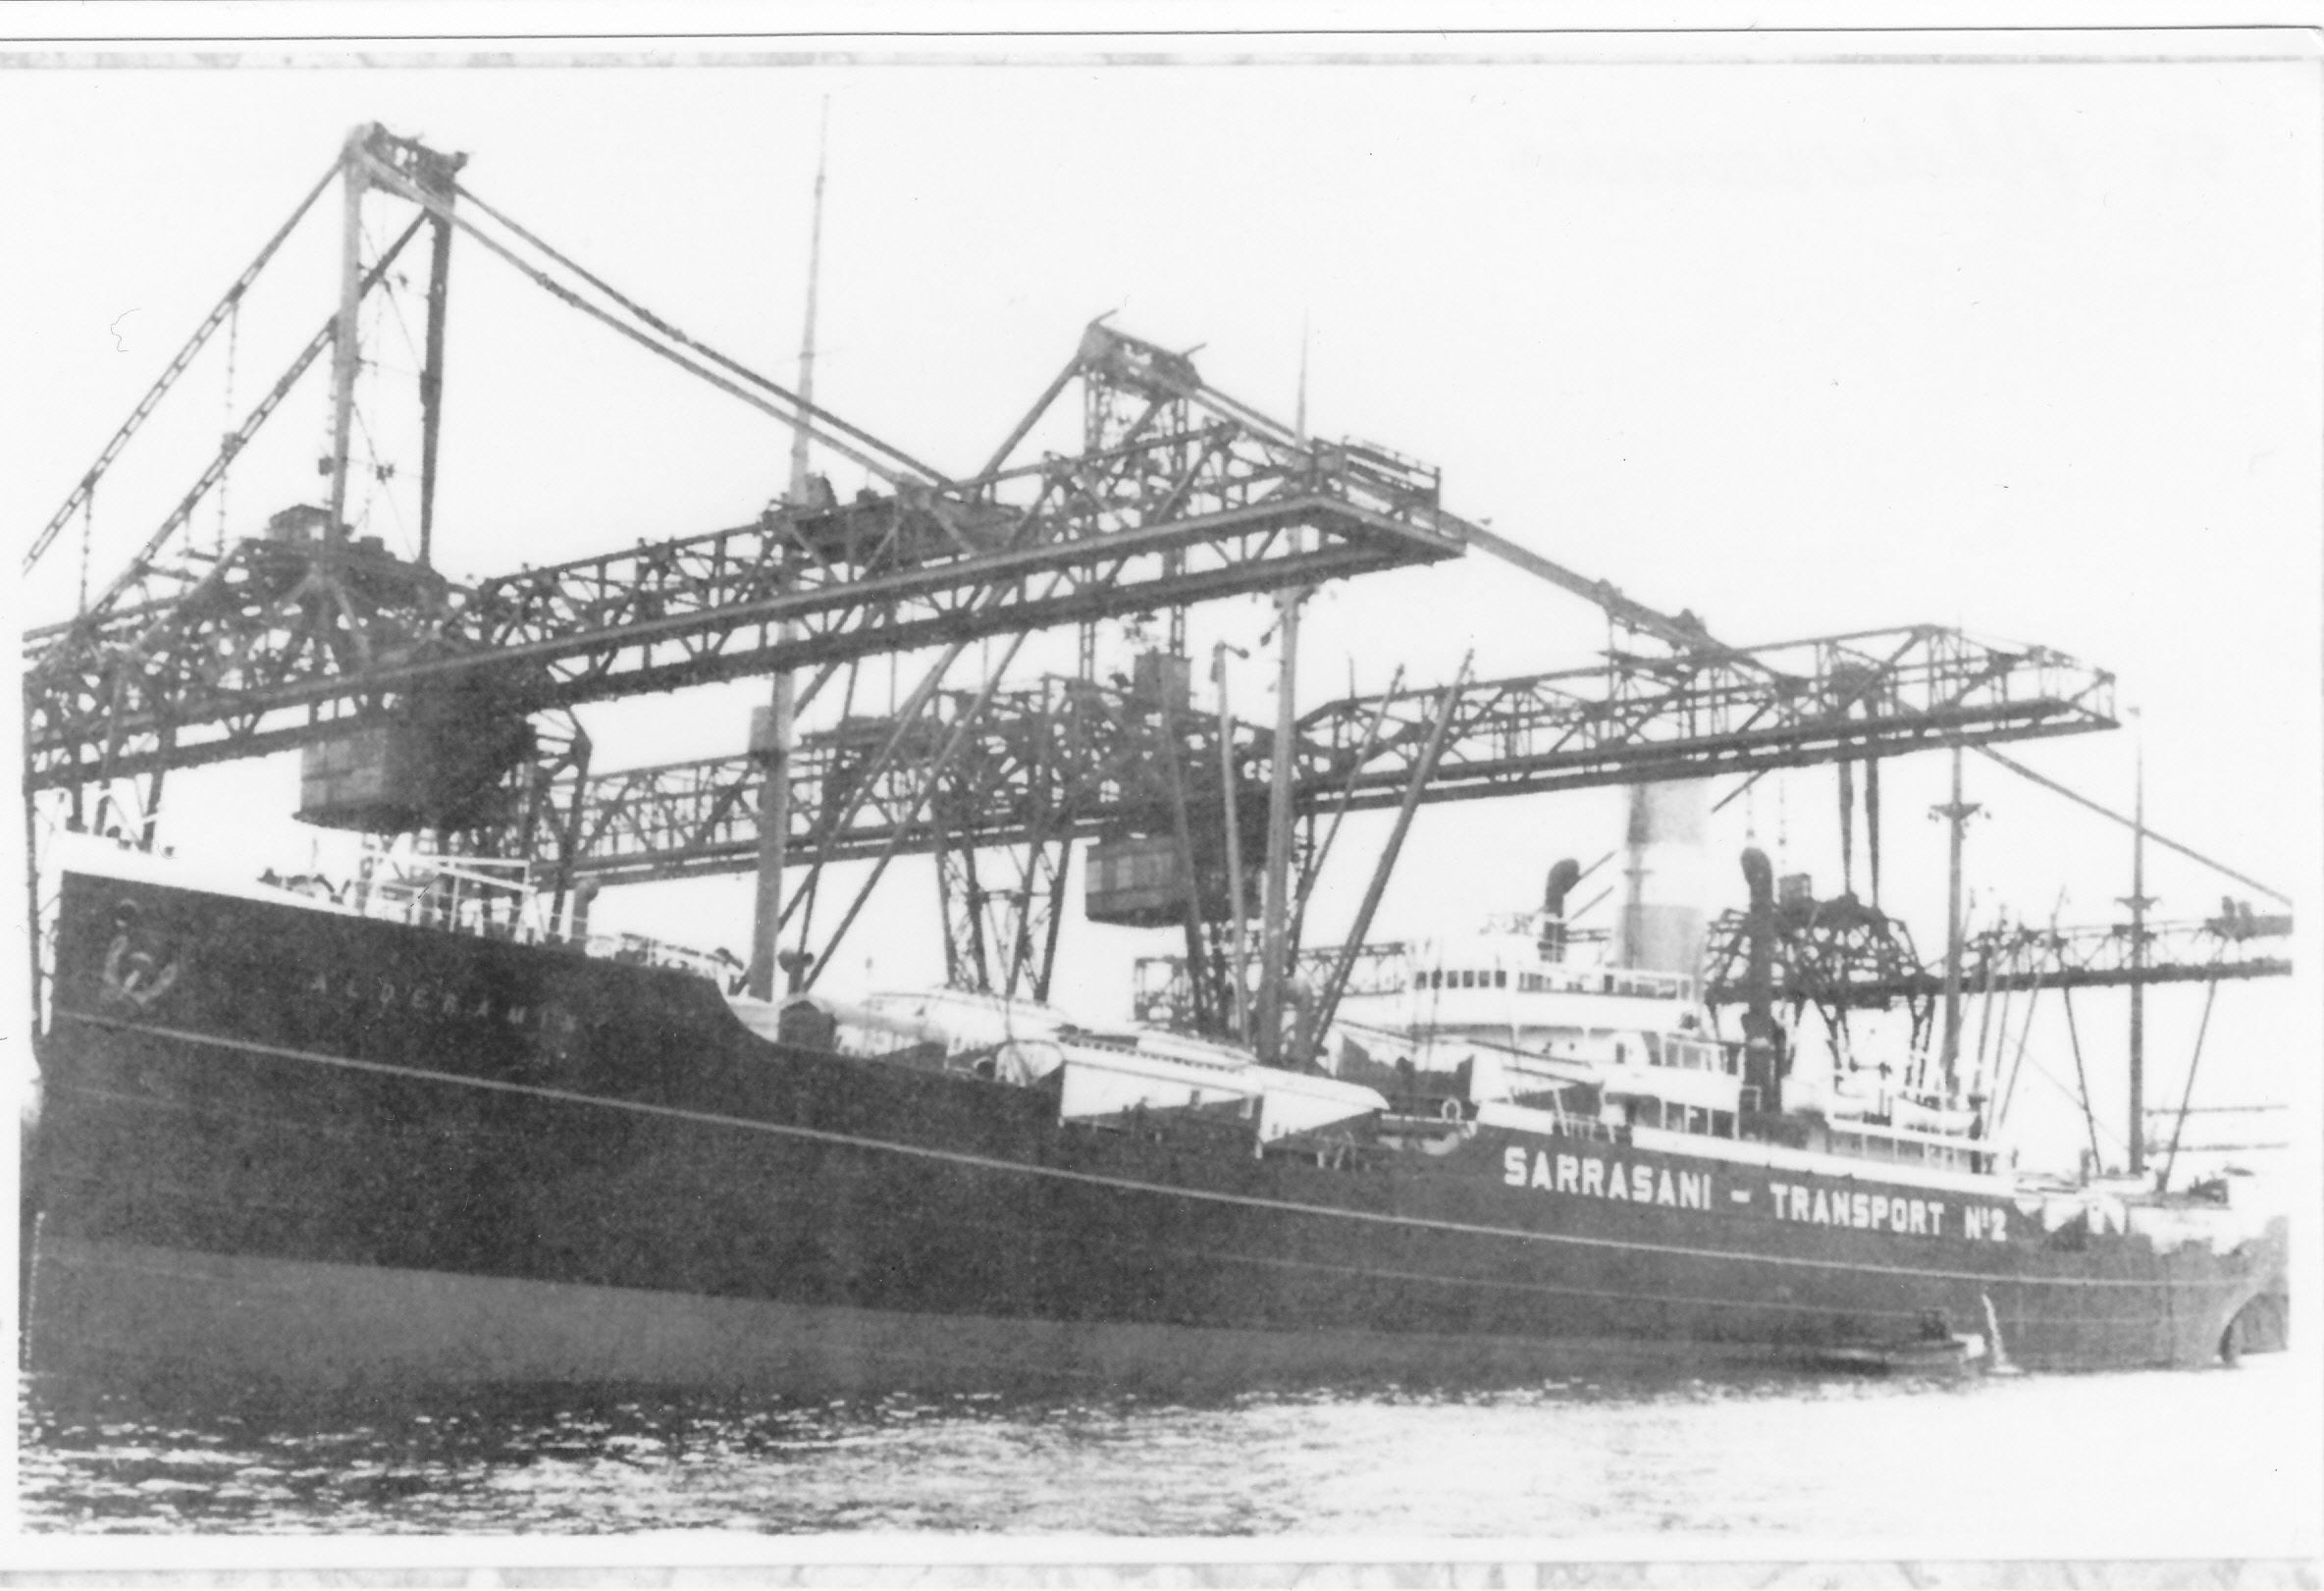 De Alderamin in 1934.